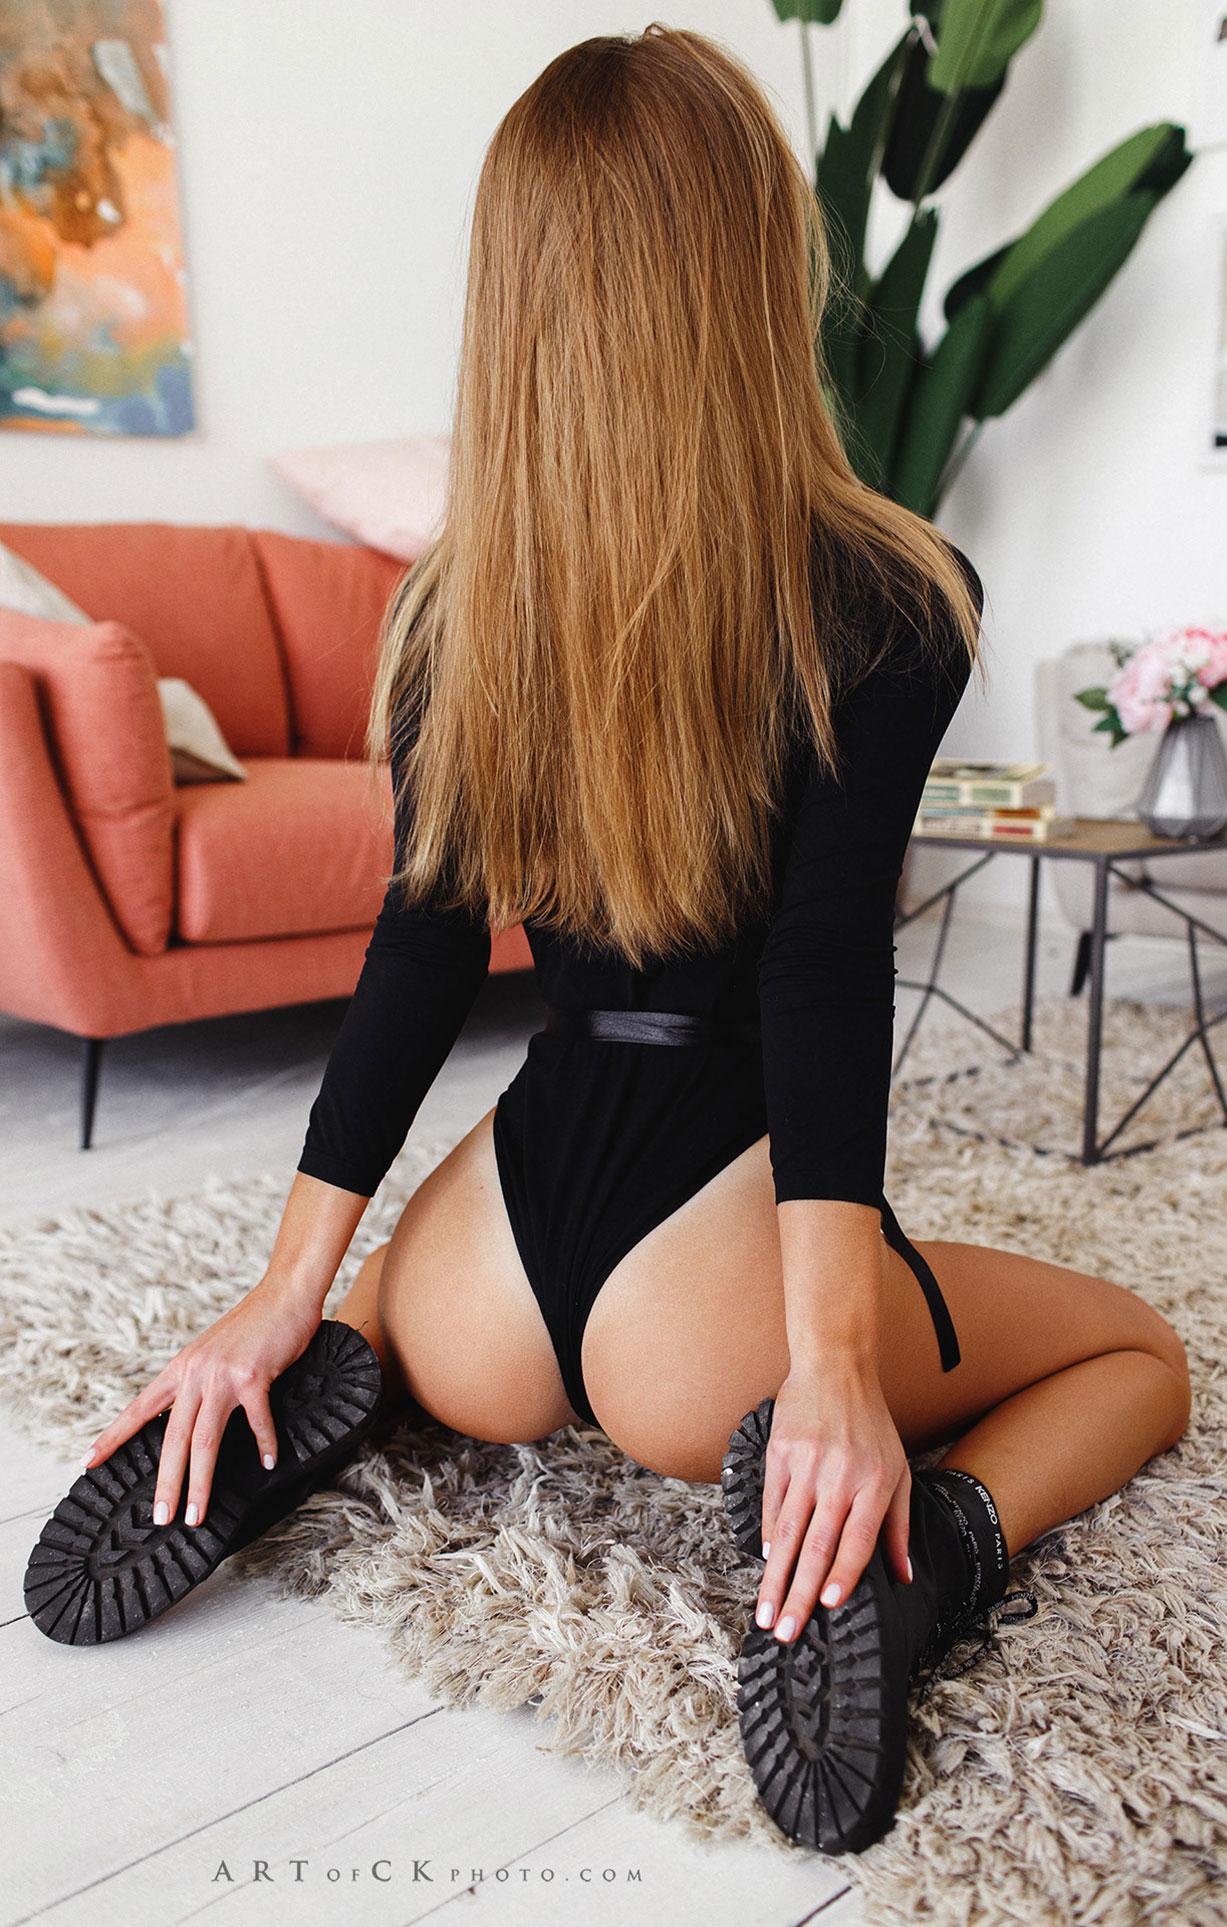 Наташа Милевская примеряет новые ботинки / фото 04